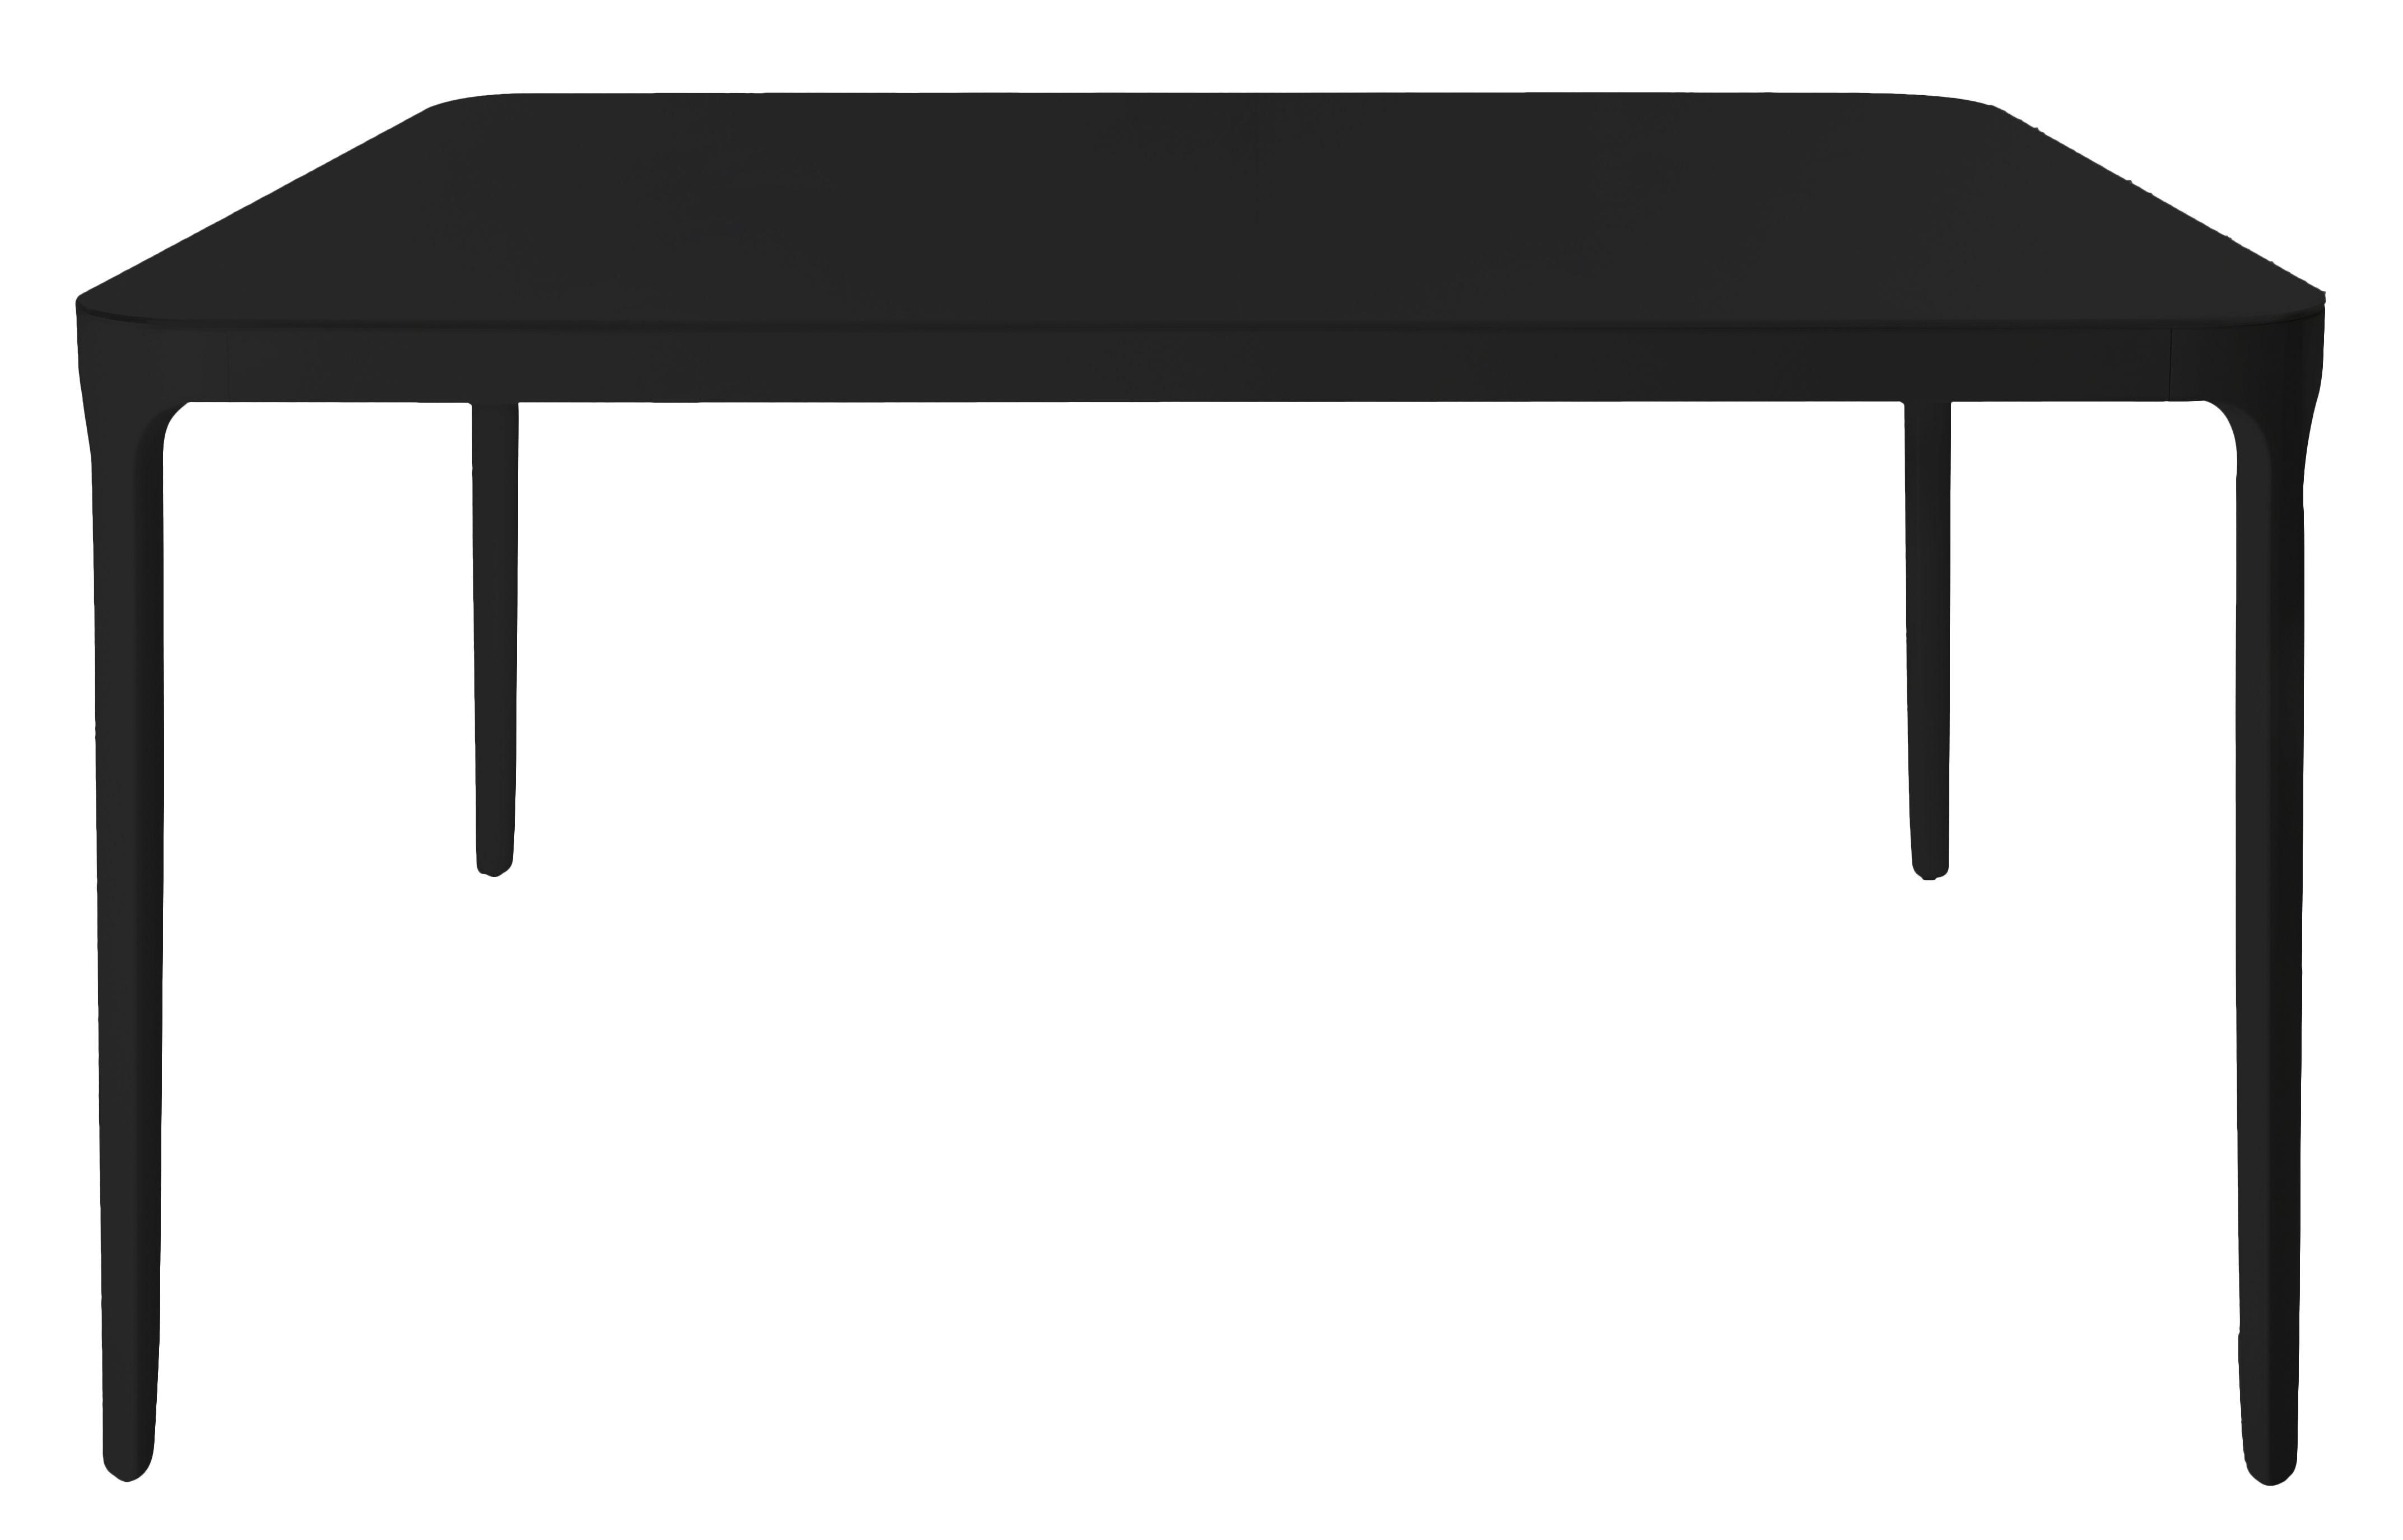 Arredamento - Tavoli - Tavolo quadrato Vanity - Quadrata - 90 x 90 cm di Magis - Nero - 90 x 90 cm - alluminio verniciato, Vetro verniciato